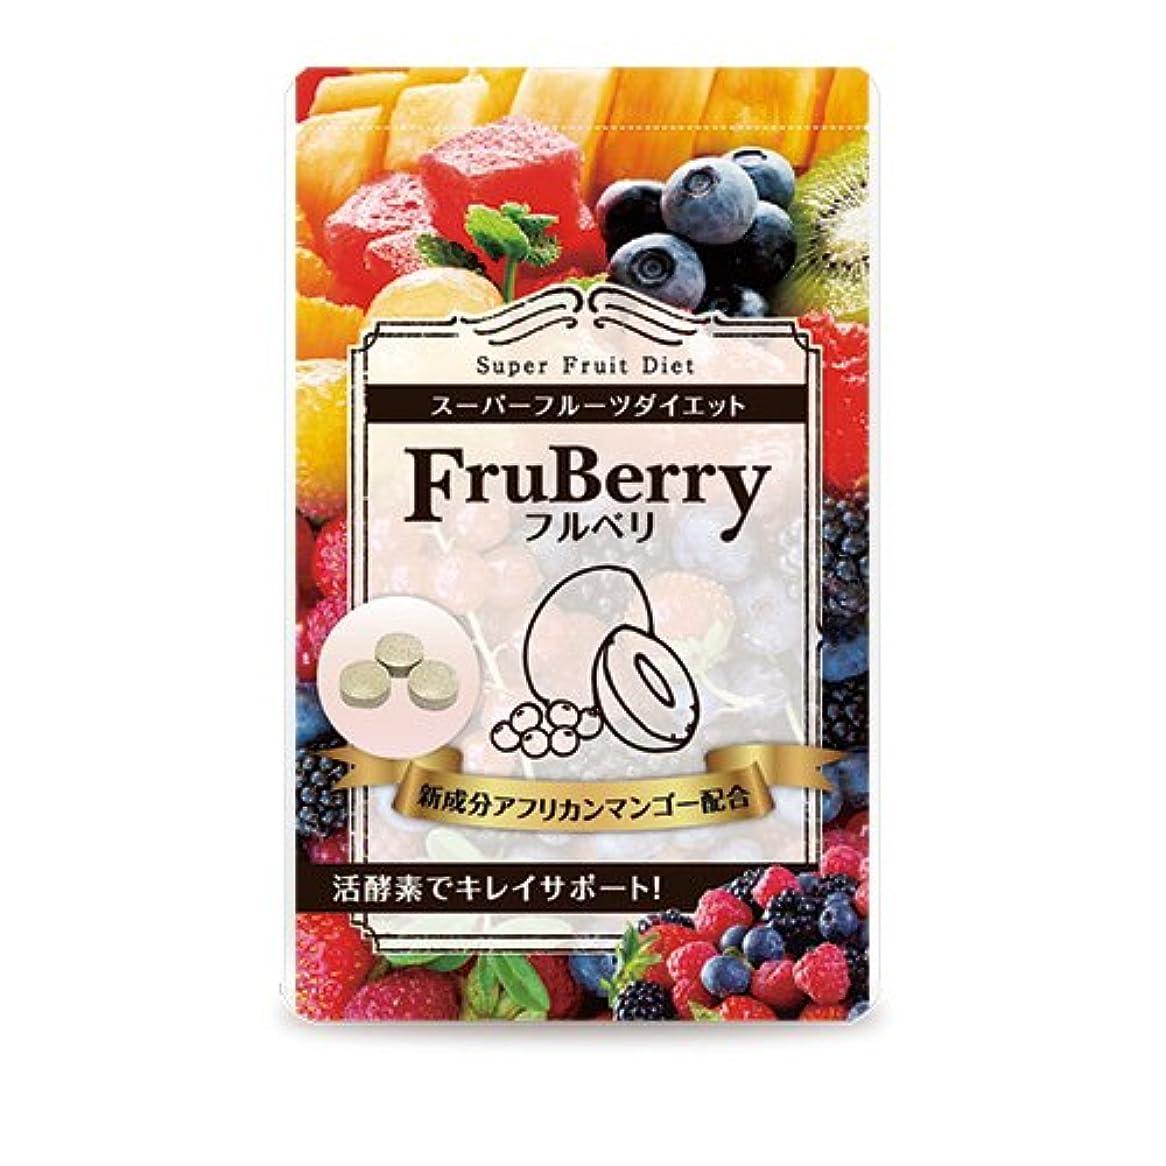 戦艦永続所持フルベリ 5袋セット 約150日分 FruBerry アフリカンマンゴー ベリー類 乳酸菌のサプリ